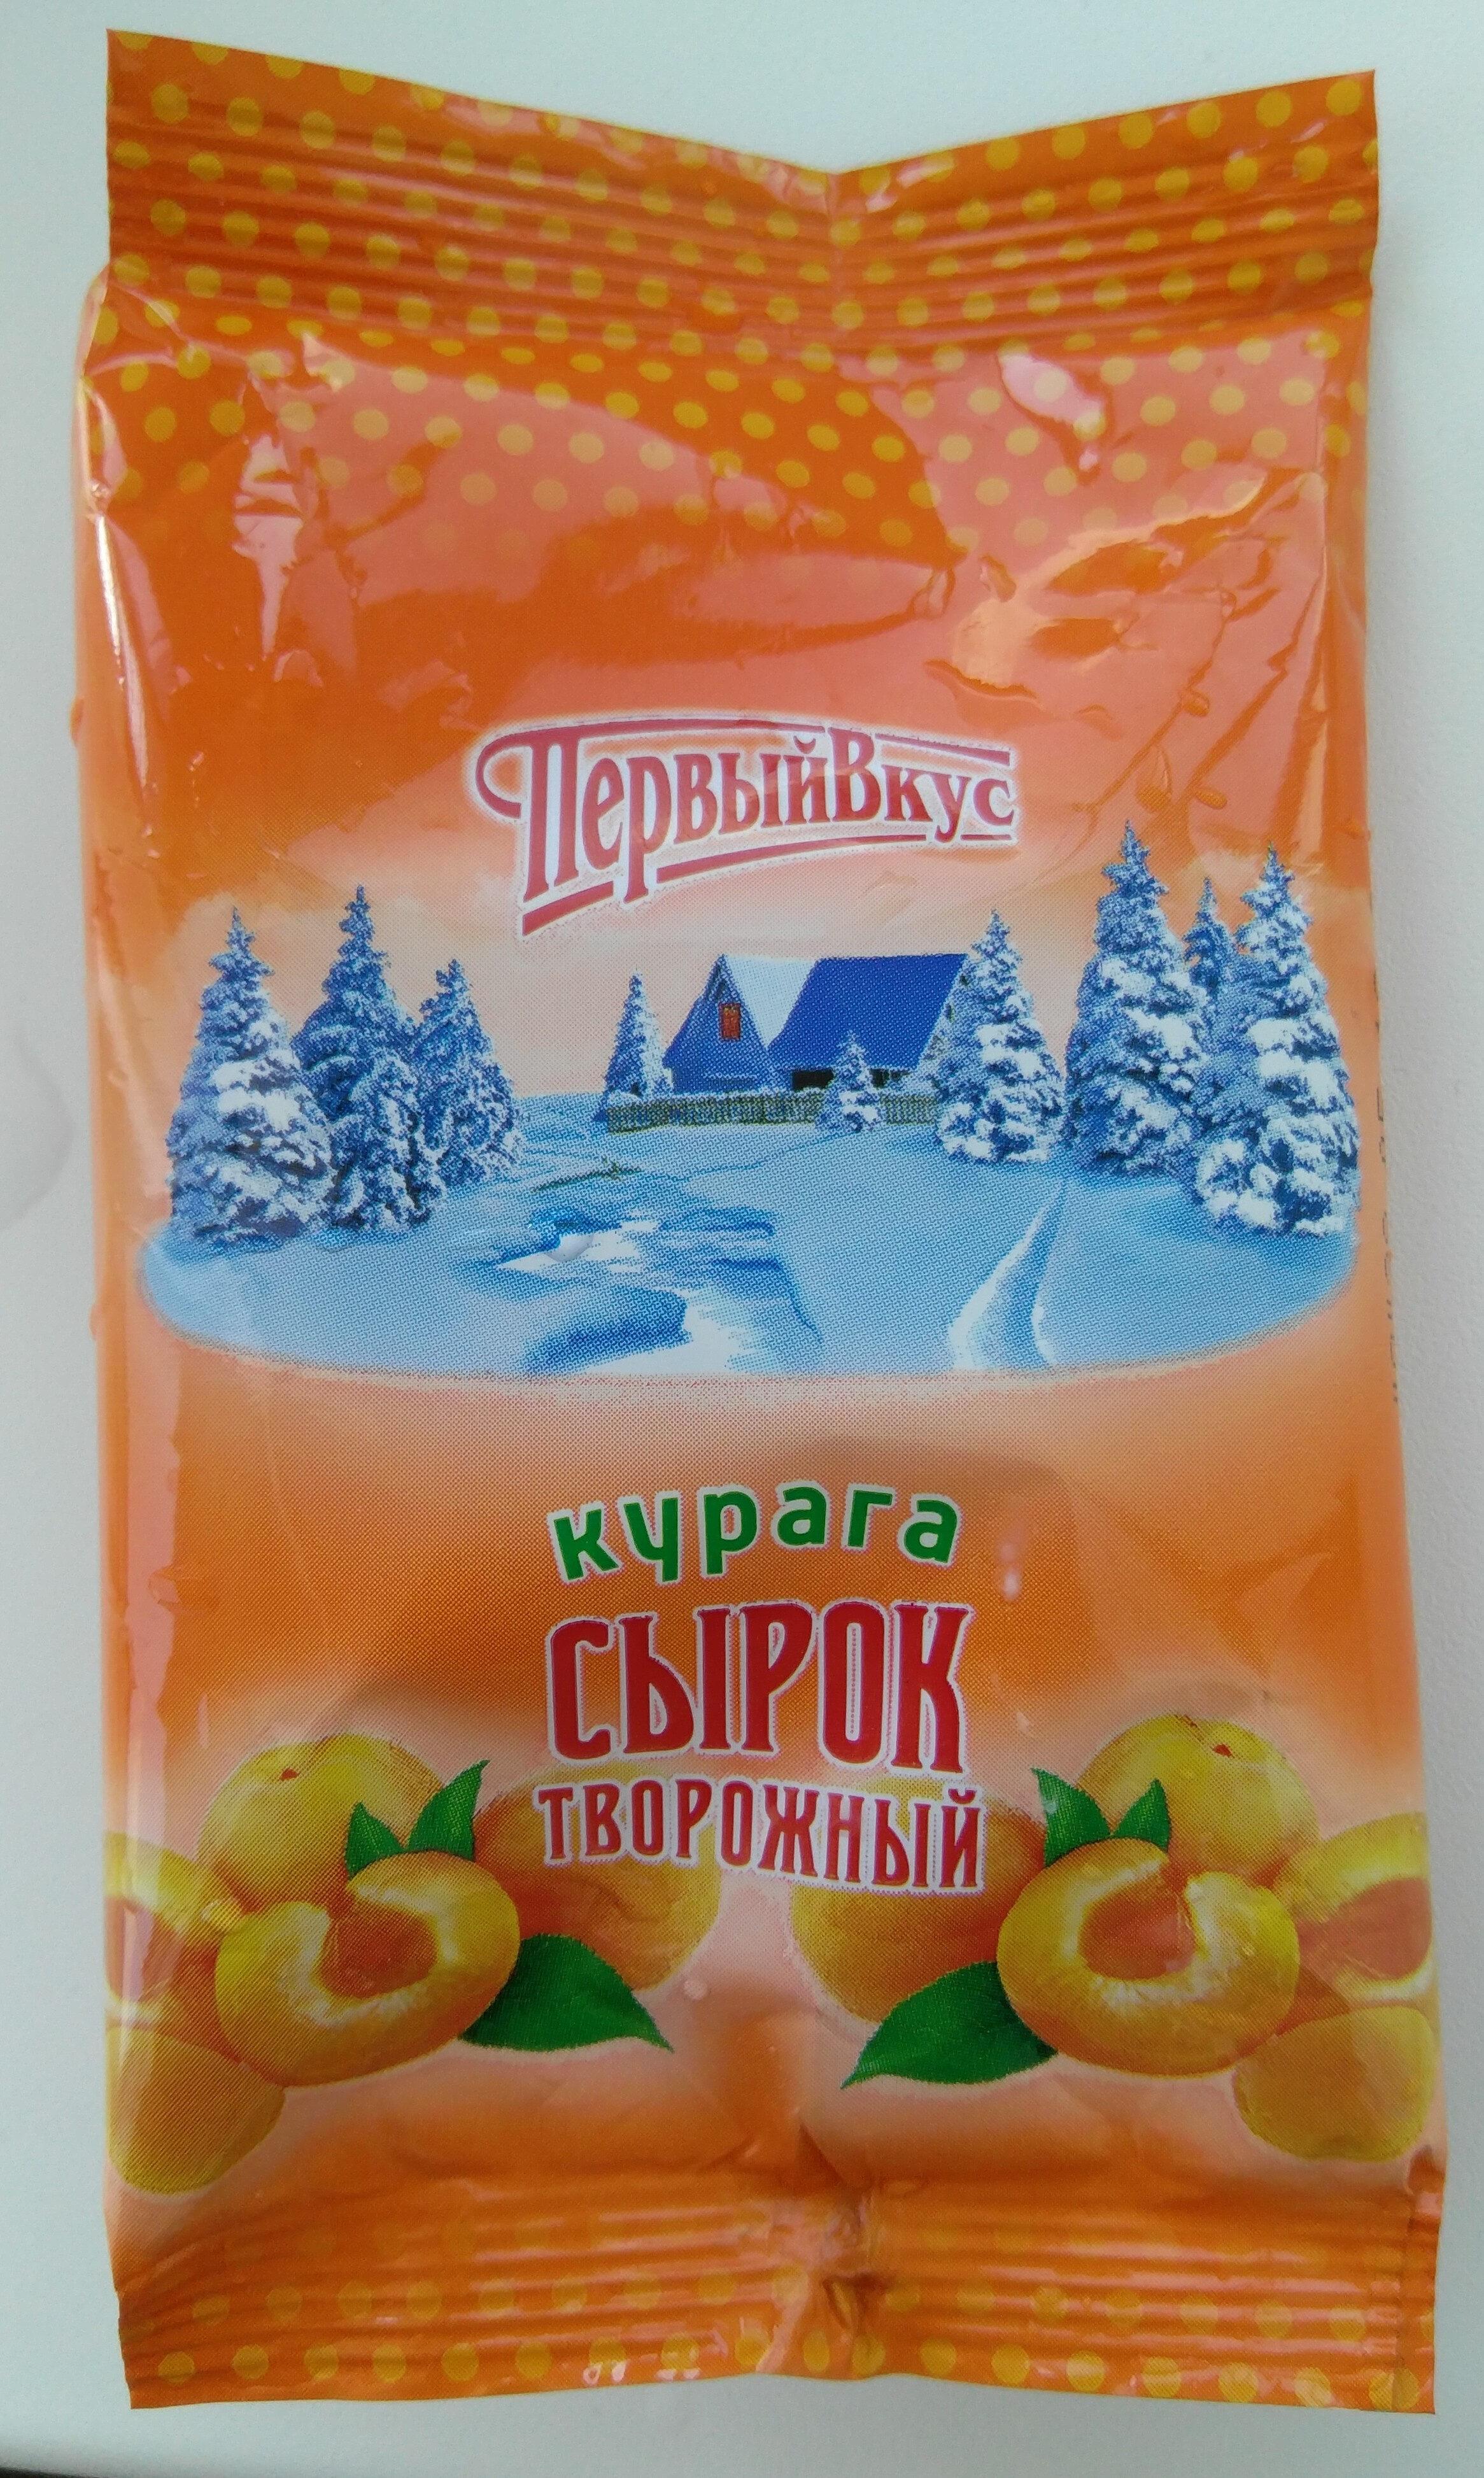 Сырок творожный с сахаром и курагой с массовой долей жира 4,5% - Продукт - ru